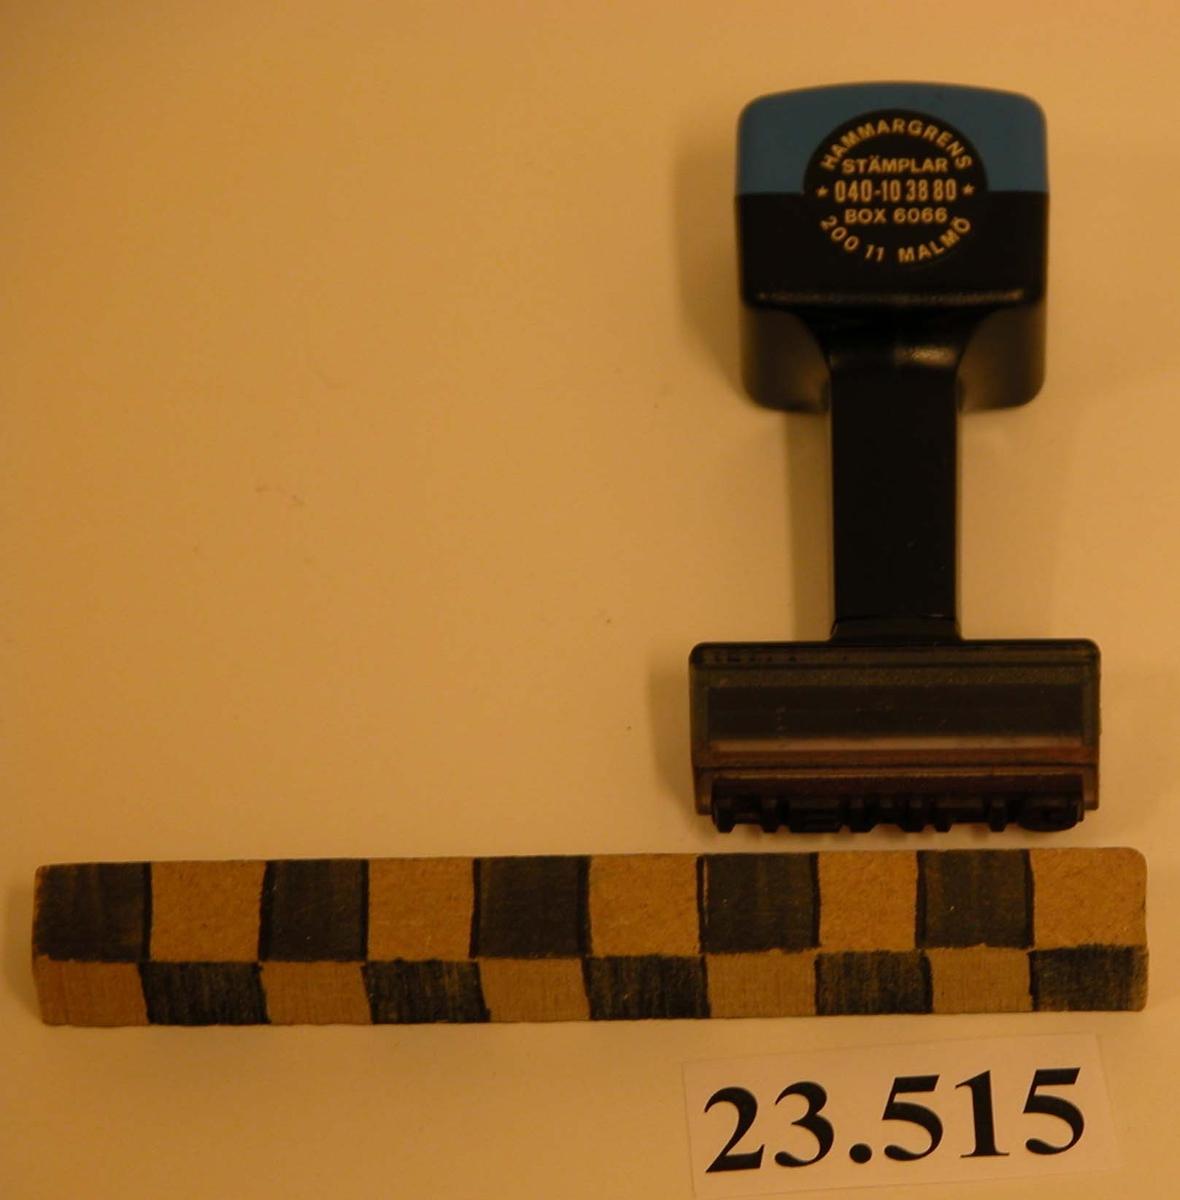 Stämpel bestående av svart och blått plasthandtag, rektangulär form. Stämpelfot rektangulär med gummidyna. Text: HEMLIG. (Stämplas med rött). Rund svart etikett på handtaget anger tillverkare: HAMMARGRENS STÄMPLAR *040-103880* BOX 6066 20011 MALMÖ. Instansning i plasten: VISION.